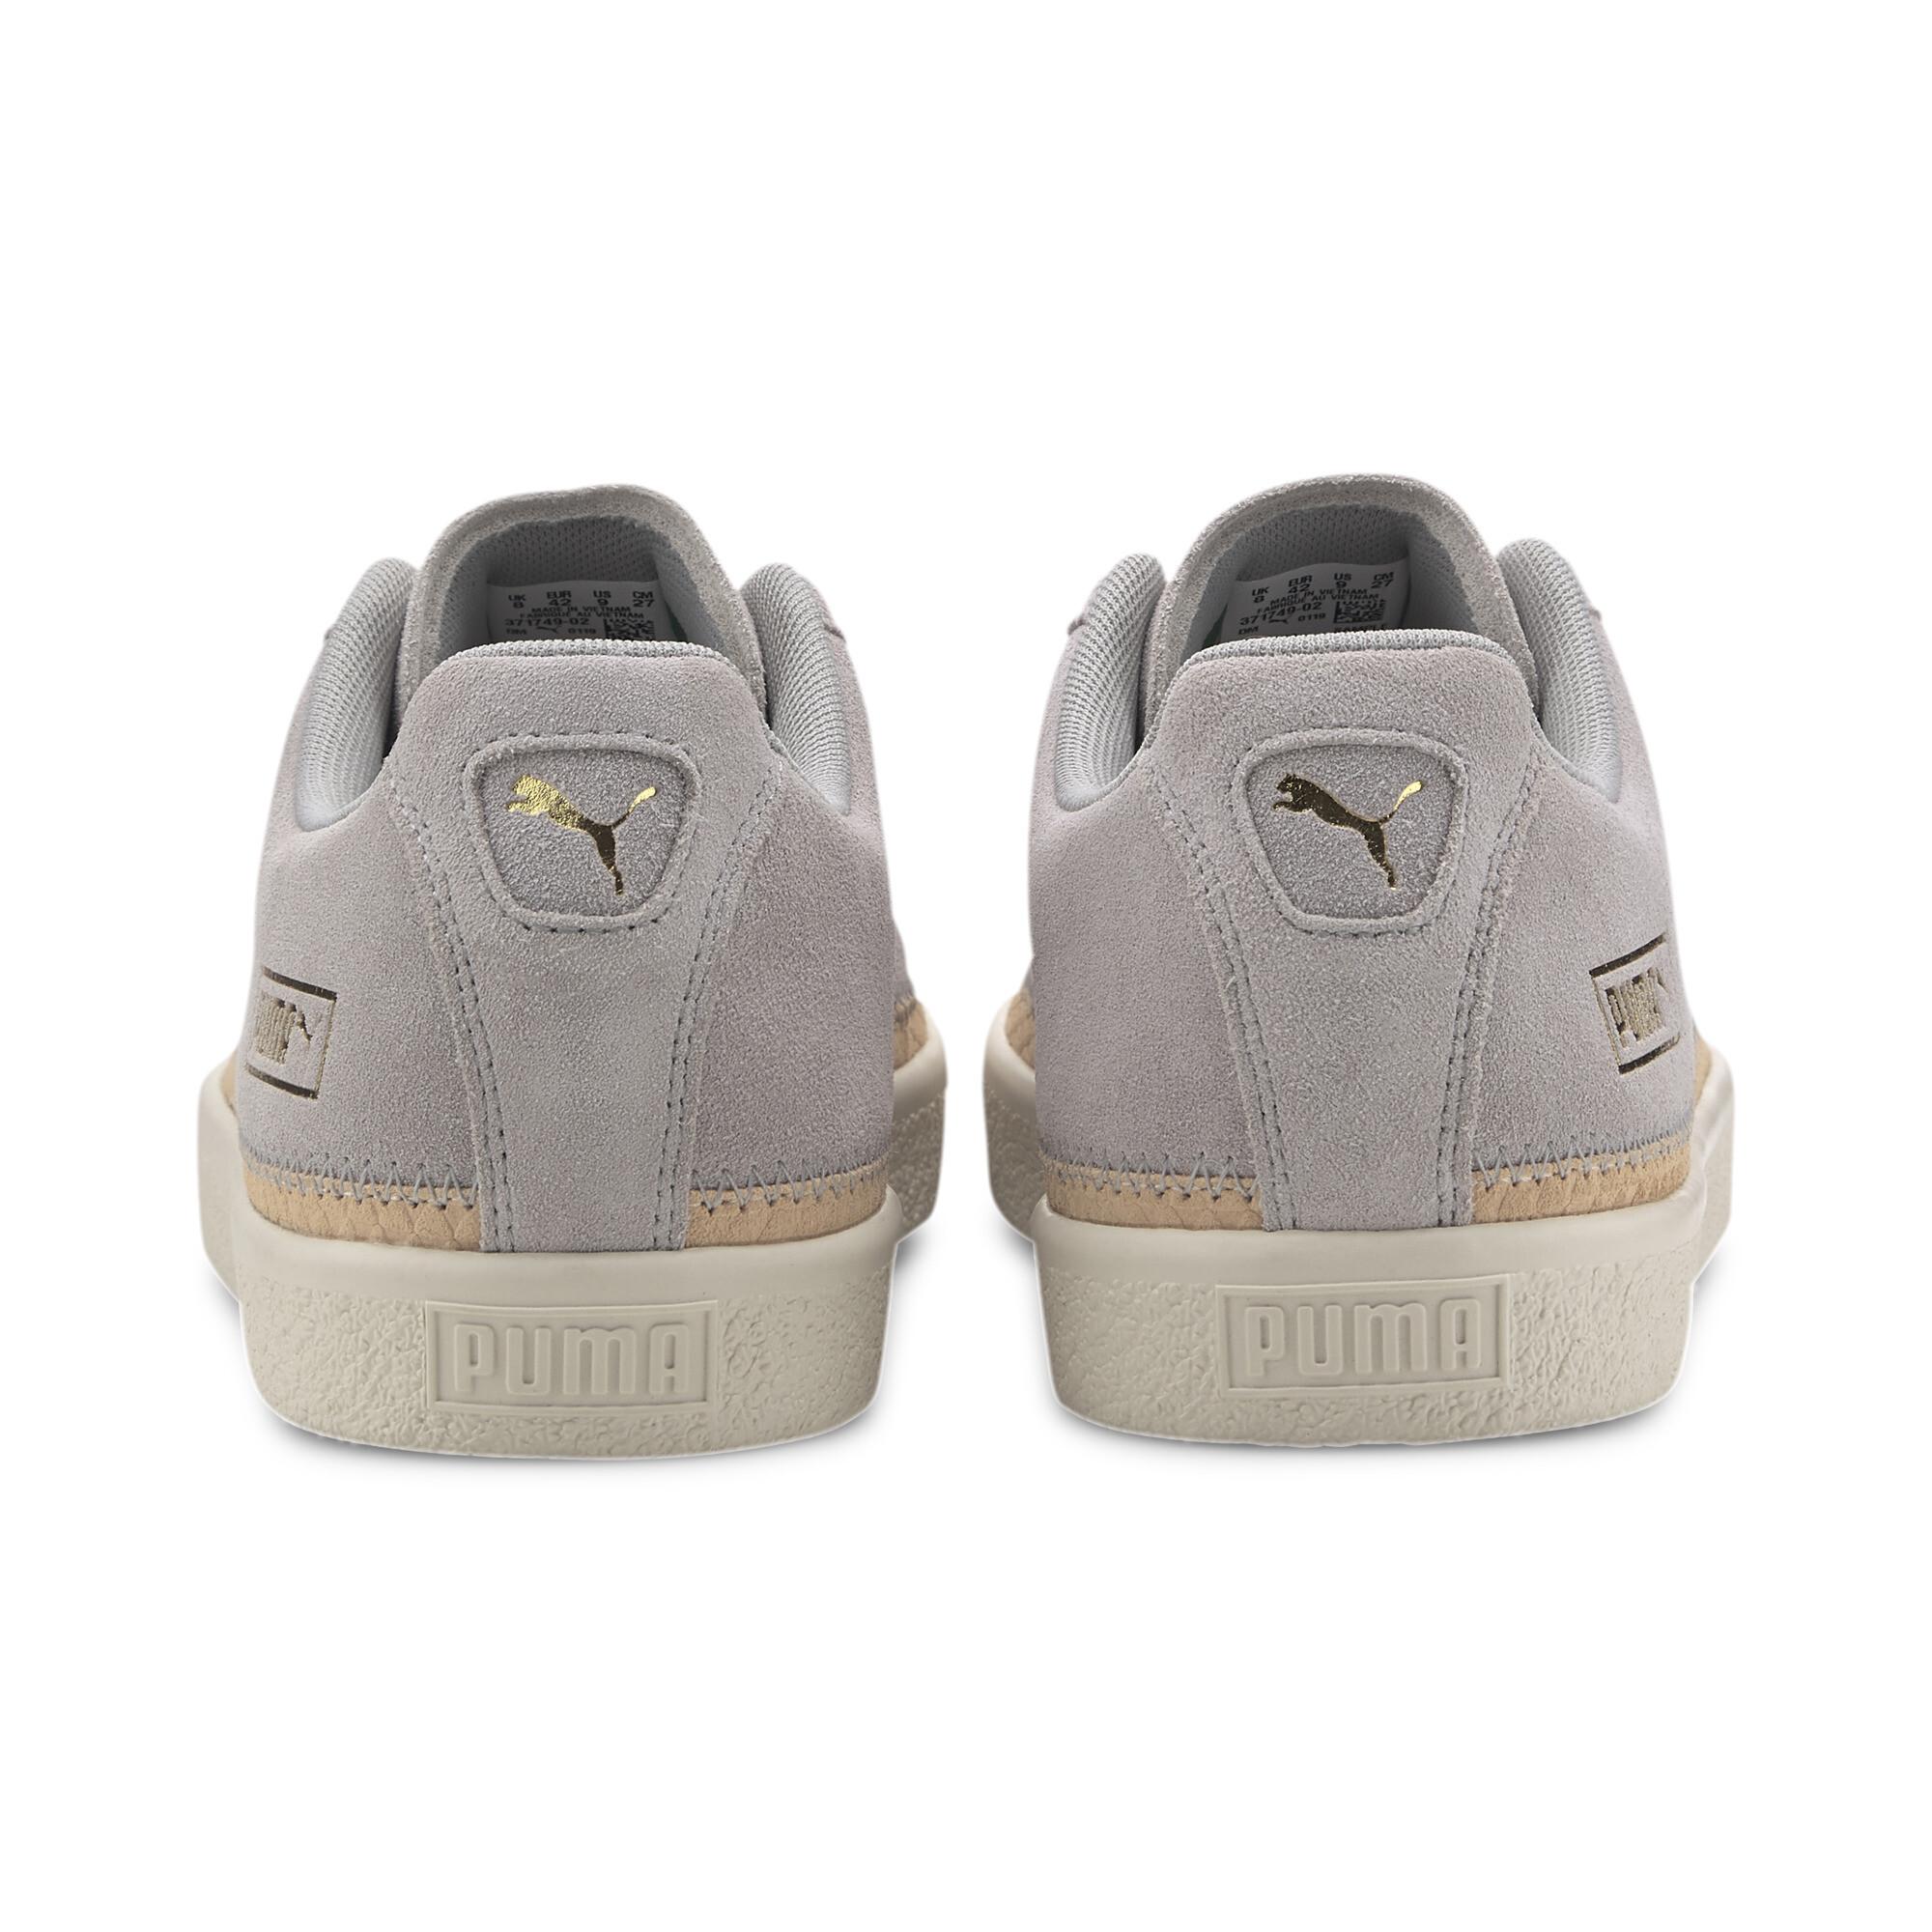 PUMA-Men-039-s-Suede-Trim-DLX-Sneakers thumbnail 3